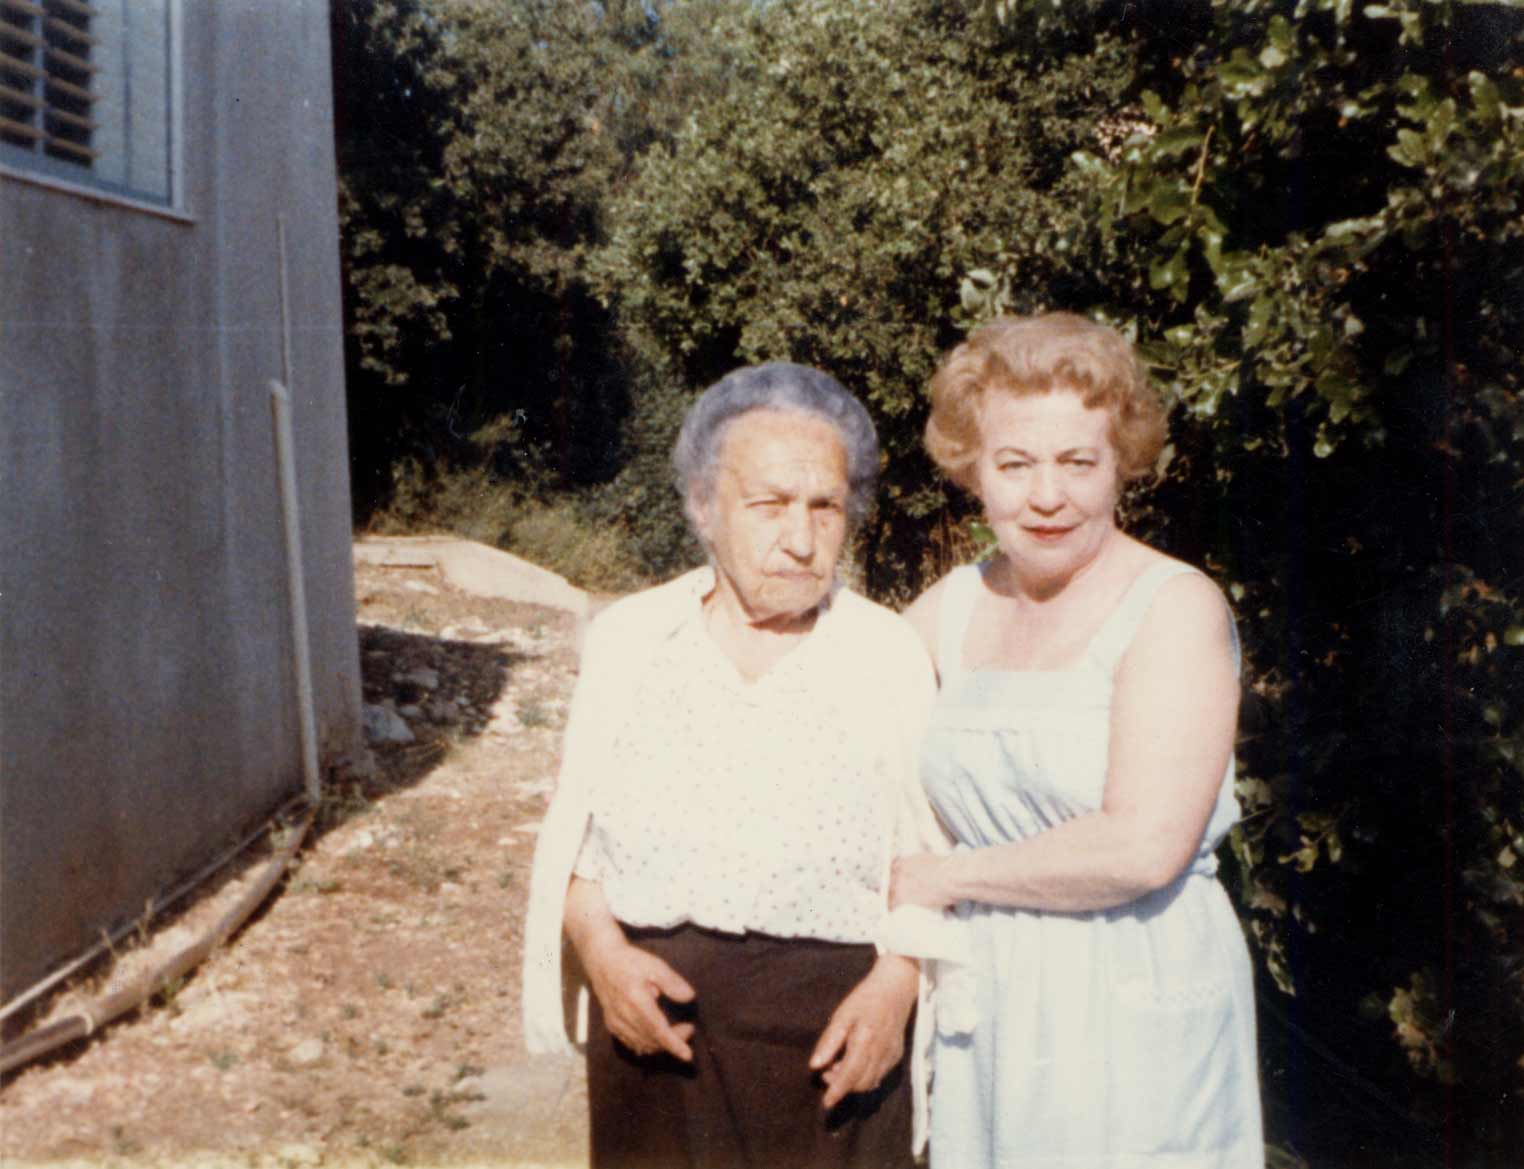 Cyla Dworkind, qui a donné le numéro d'identification au Musée, et sa tante Rosa Pliskin-Sokolinski photographiées en Israël en 1984.